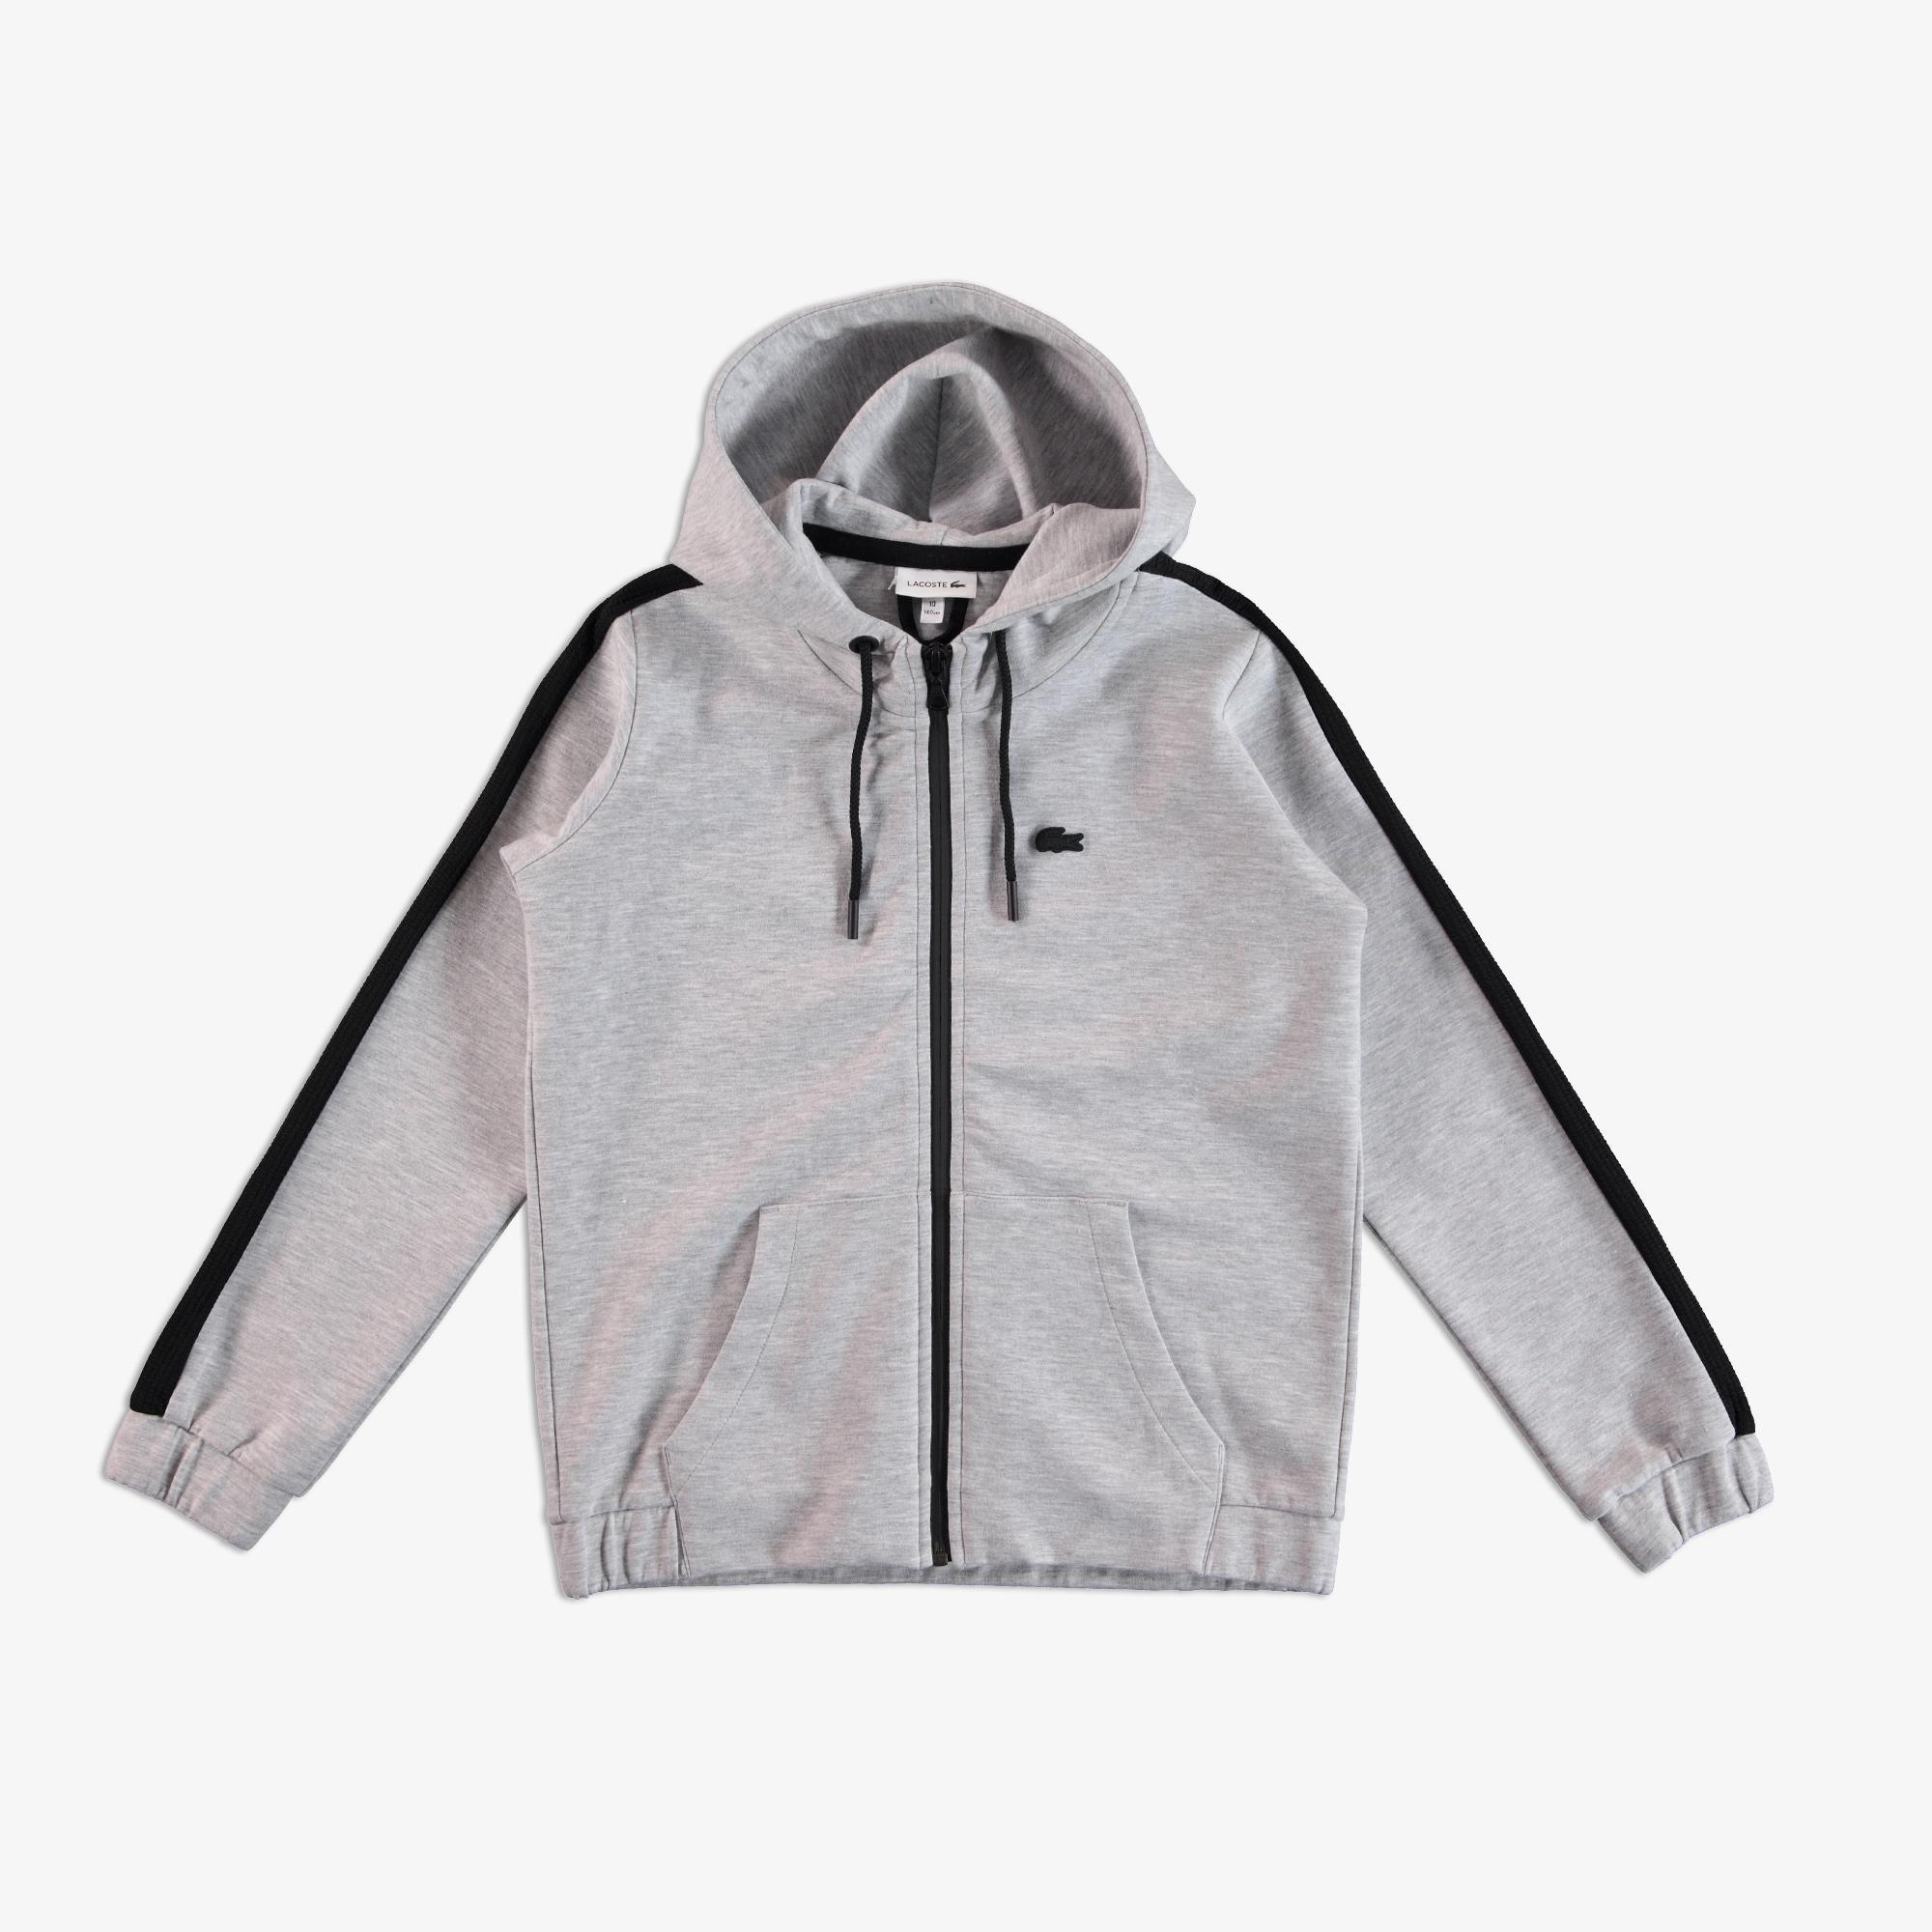 Lacoste Kids Zipper Hooded Sweatshirt